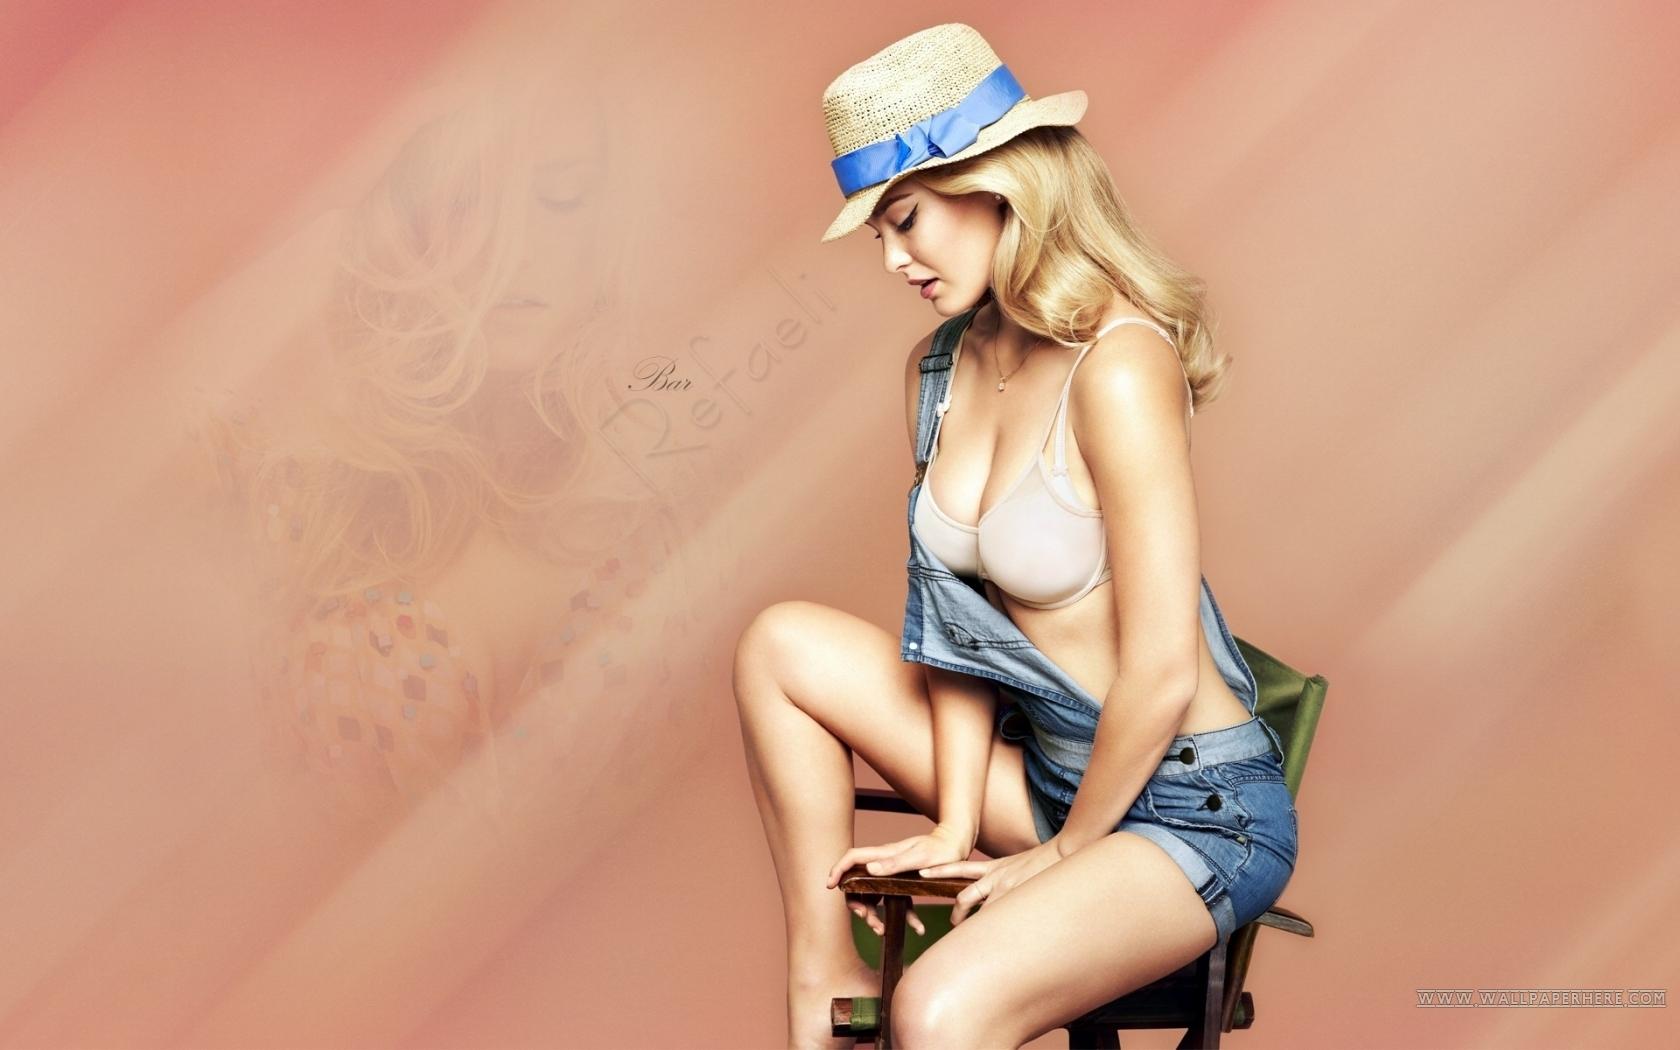 Bar Refaeli Sexy Girl Wallpaper